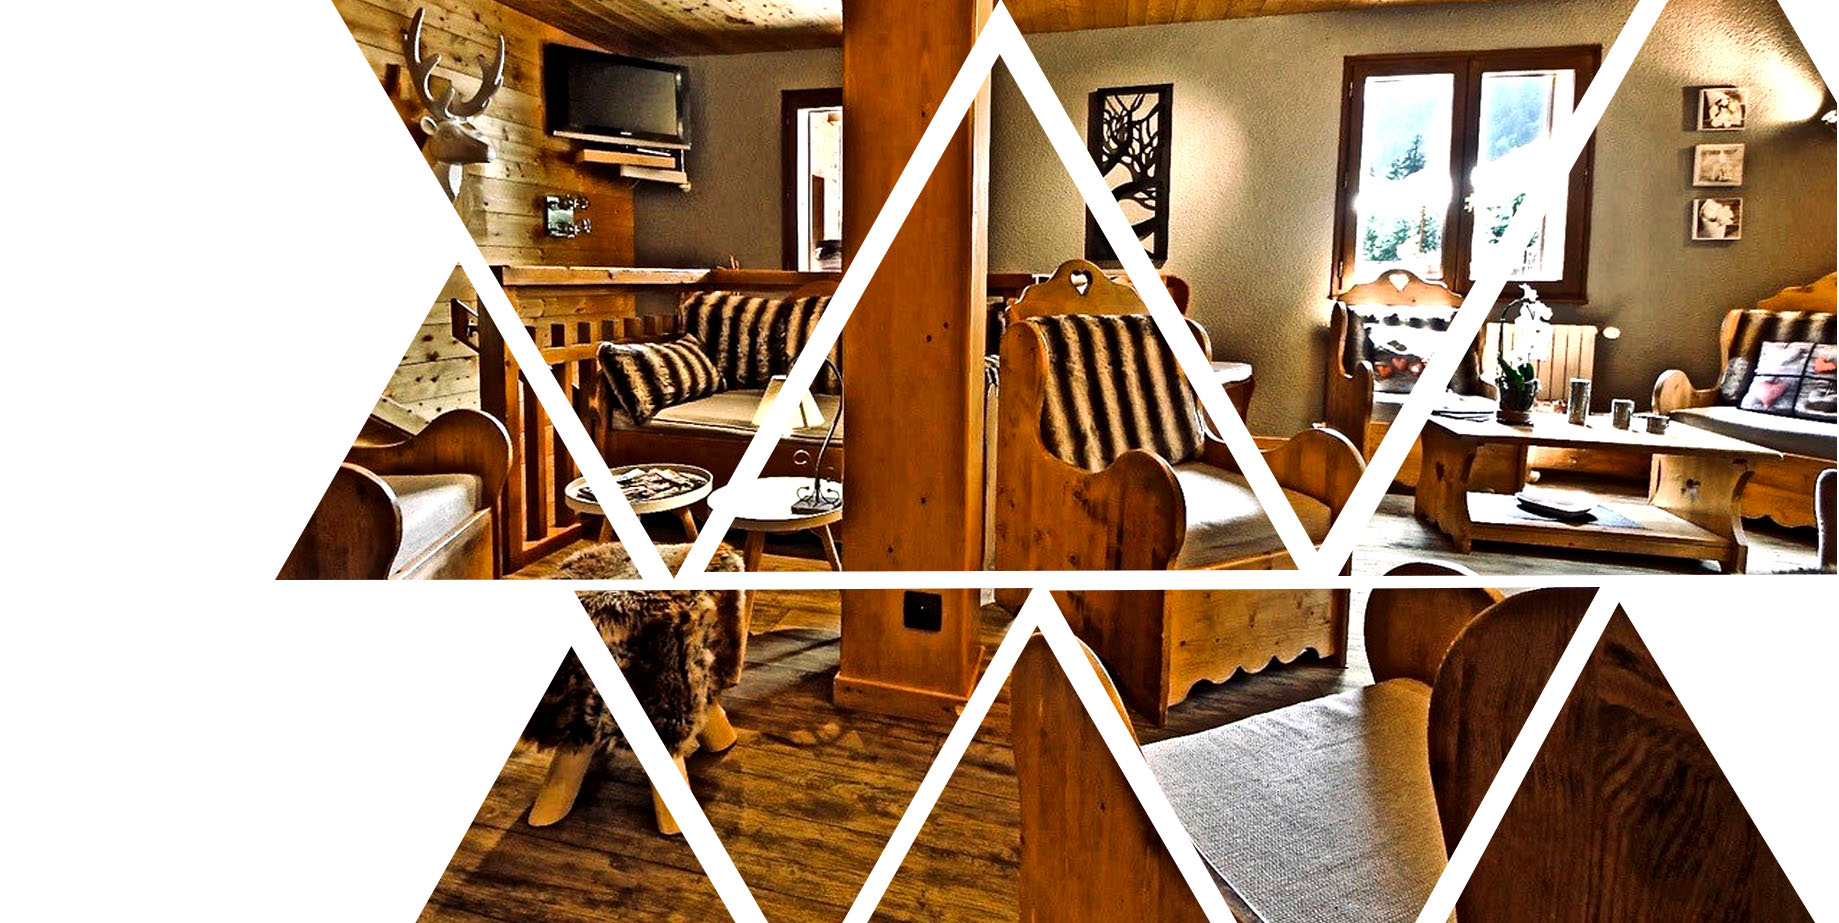 photo du salon de l'hôtel avec fond sur polygone